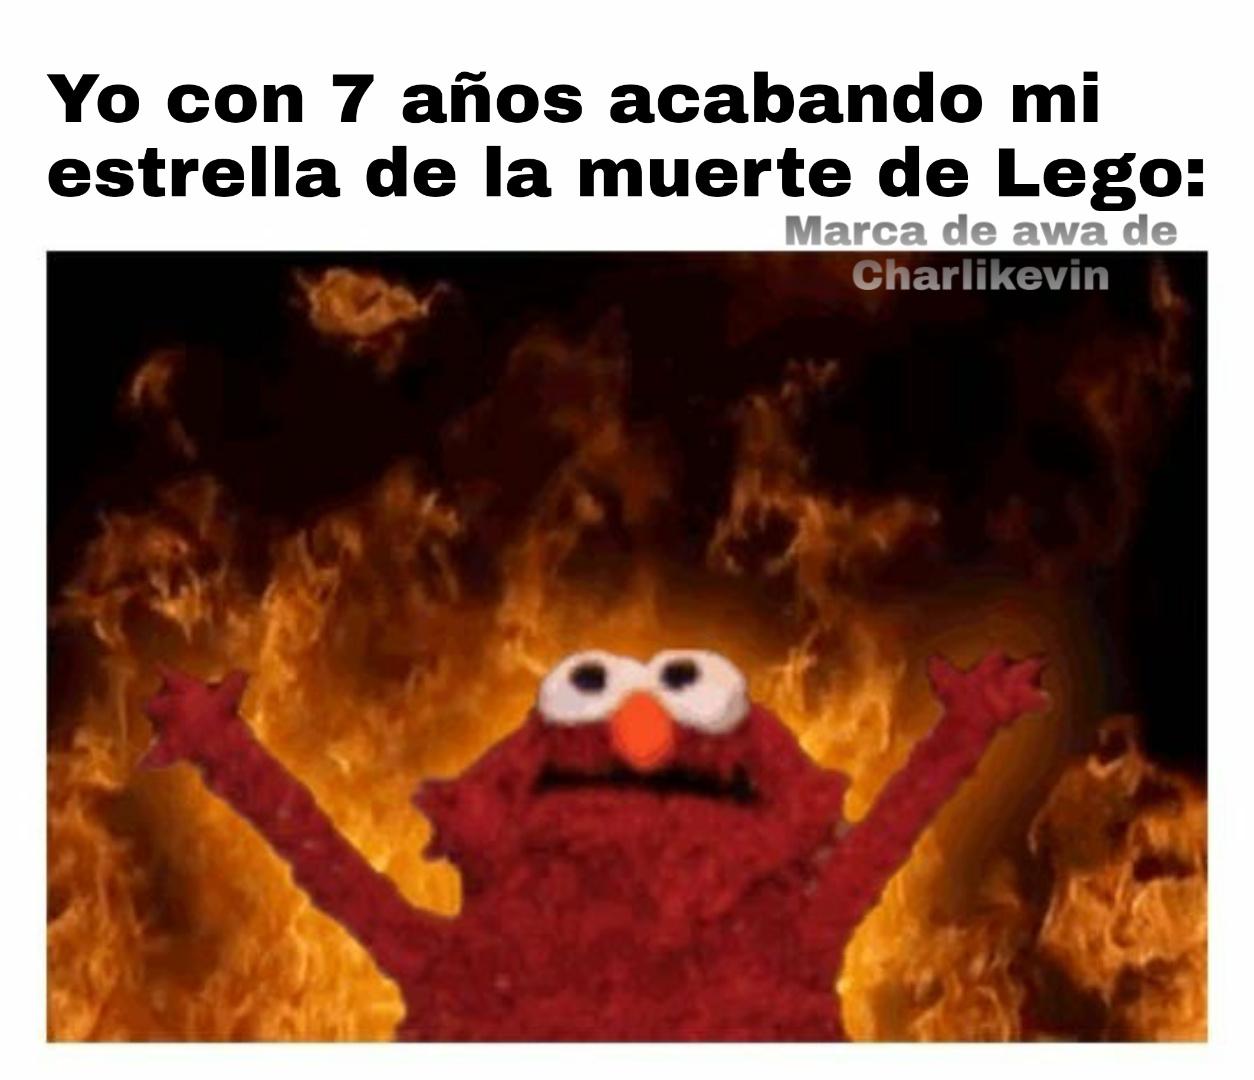 Ver el mundo arder - meme